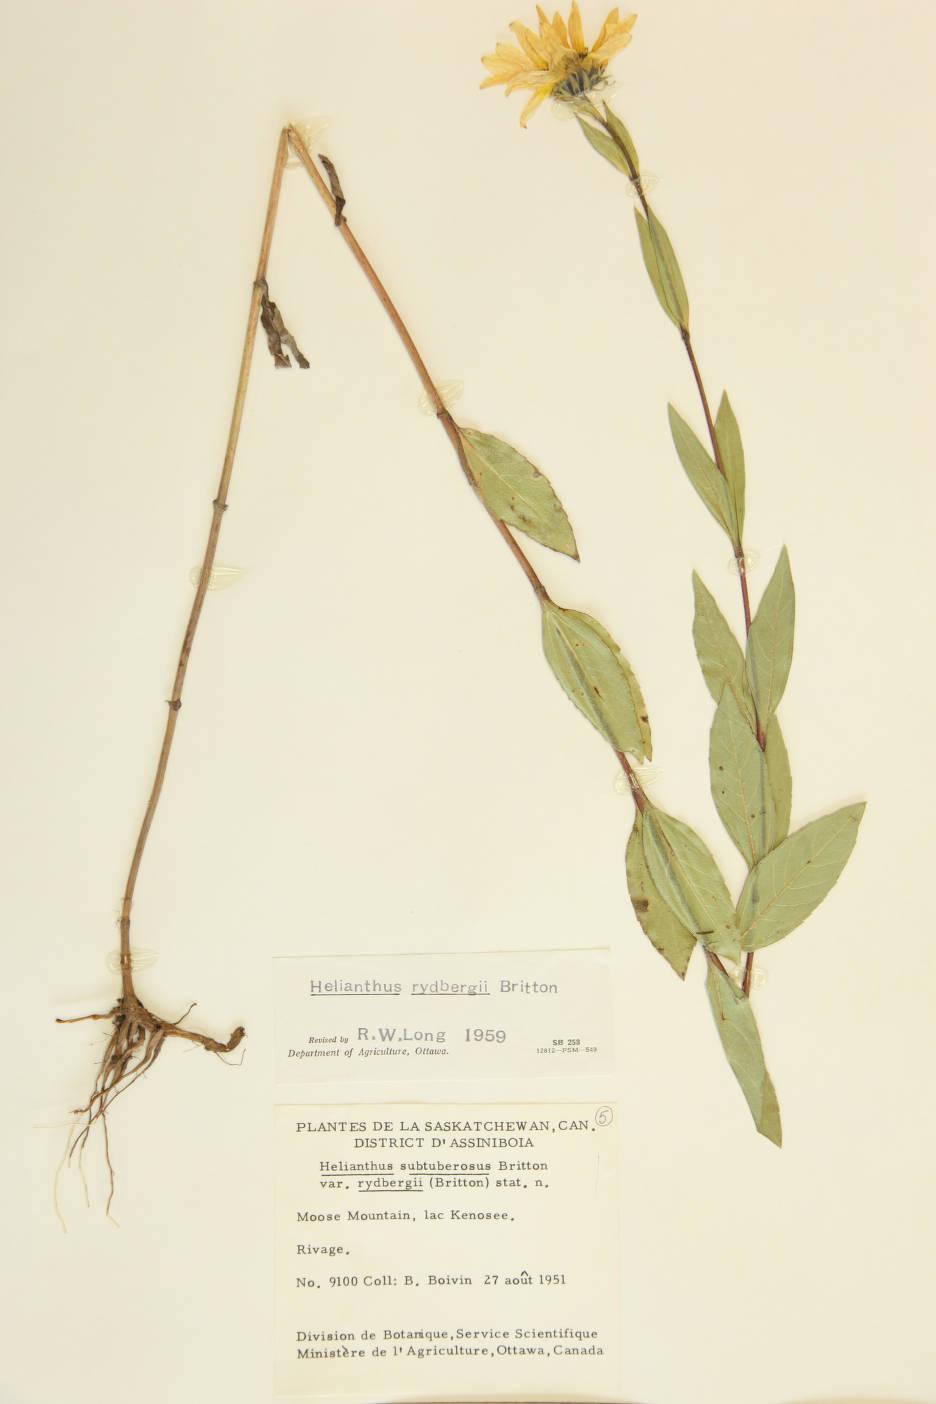 Image of Helianthus rydbergii